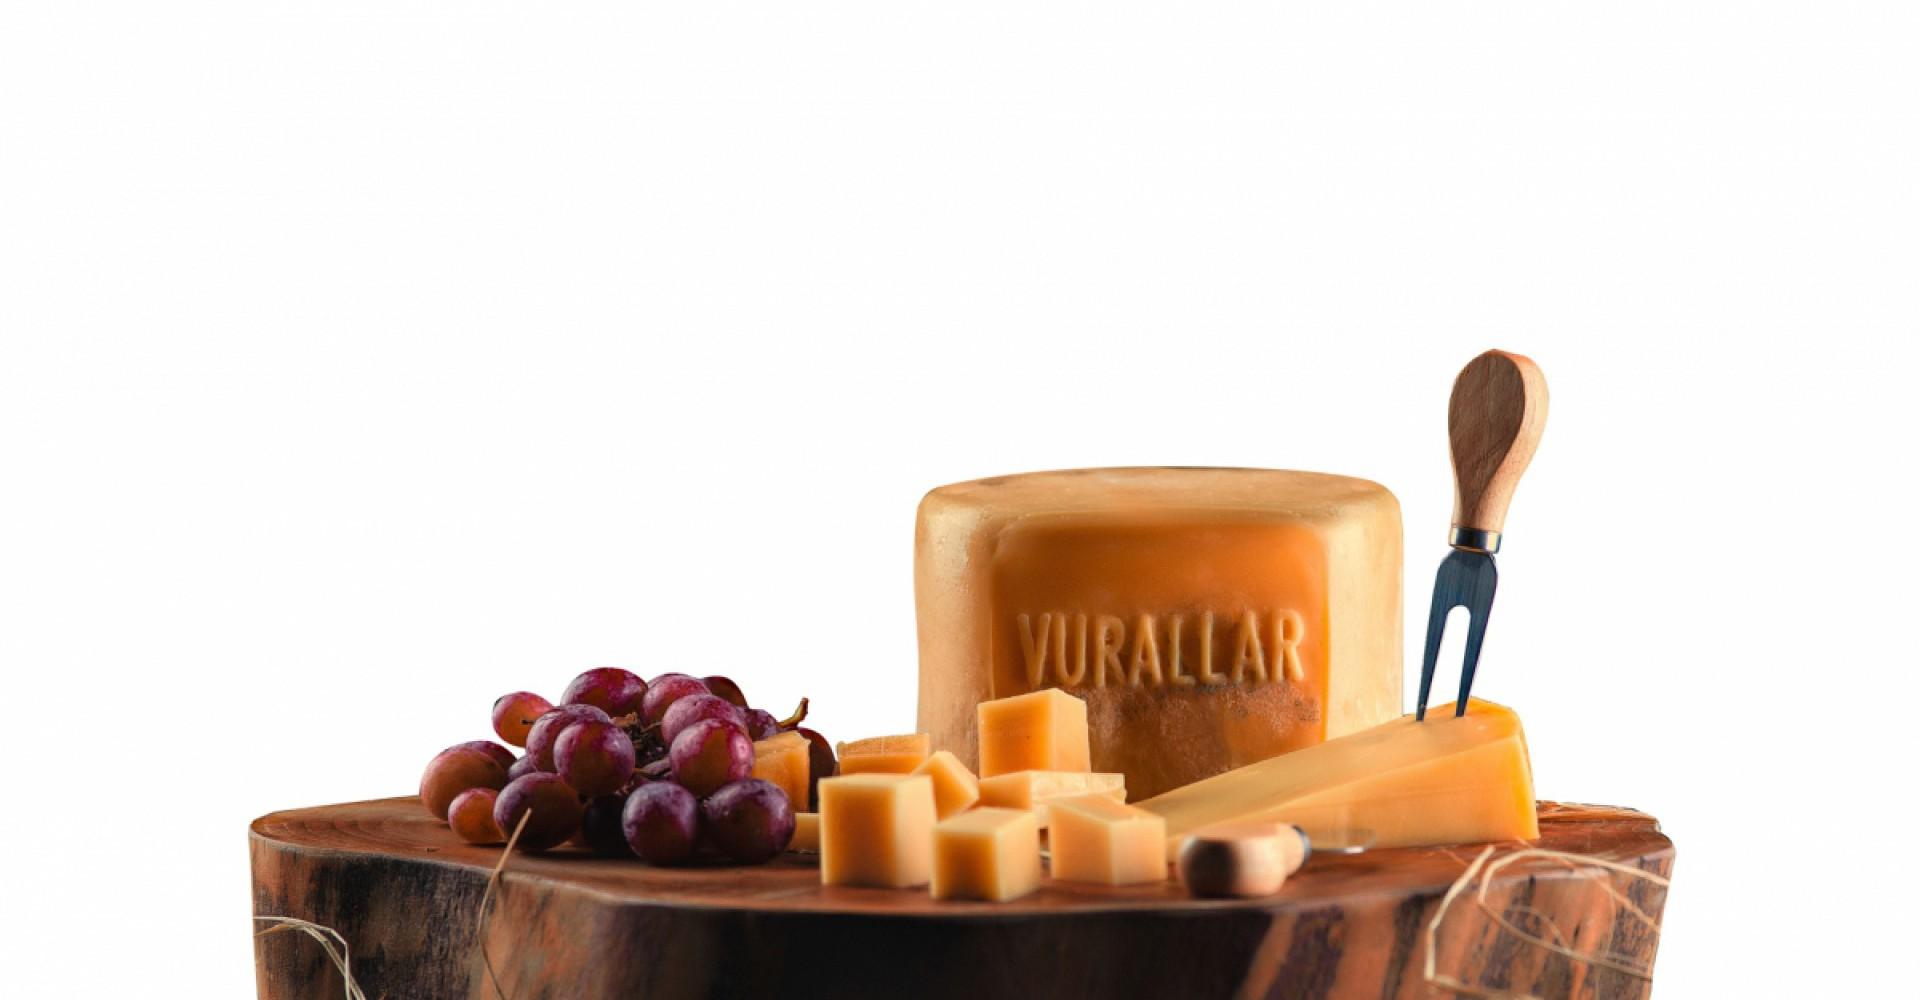 Vurallar Cheesemaking